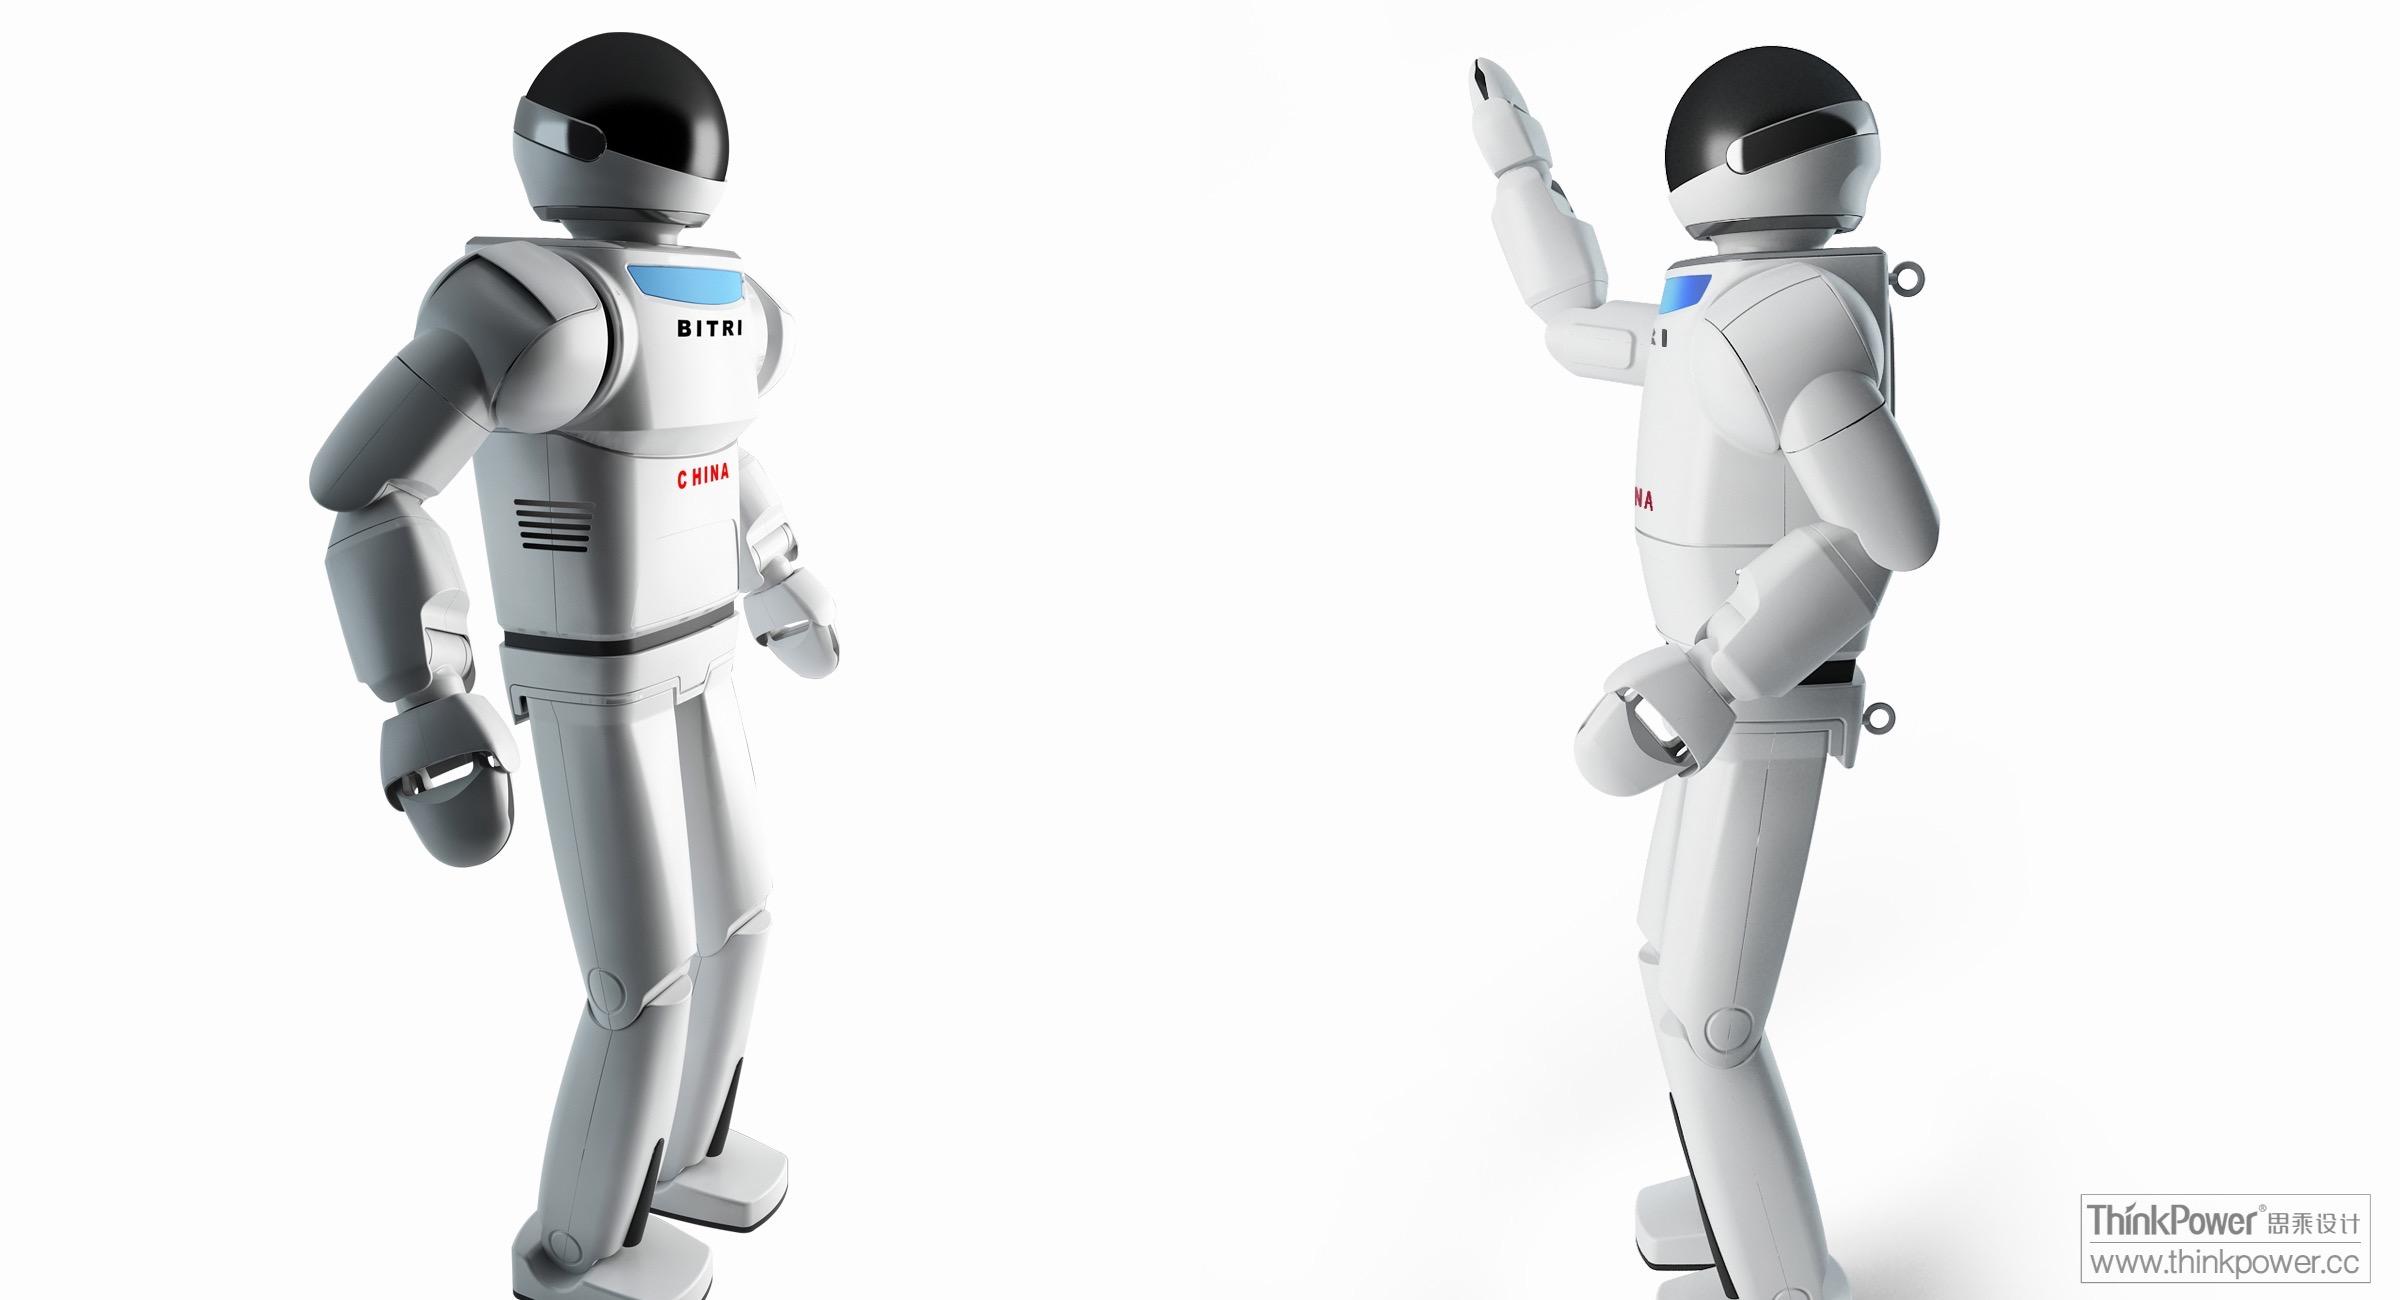 机器人 - 智能硬件 - 北京思乘创新工业设计有限公司